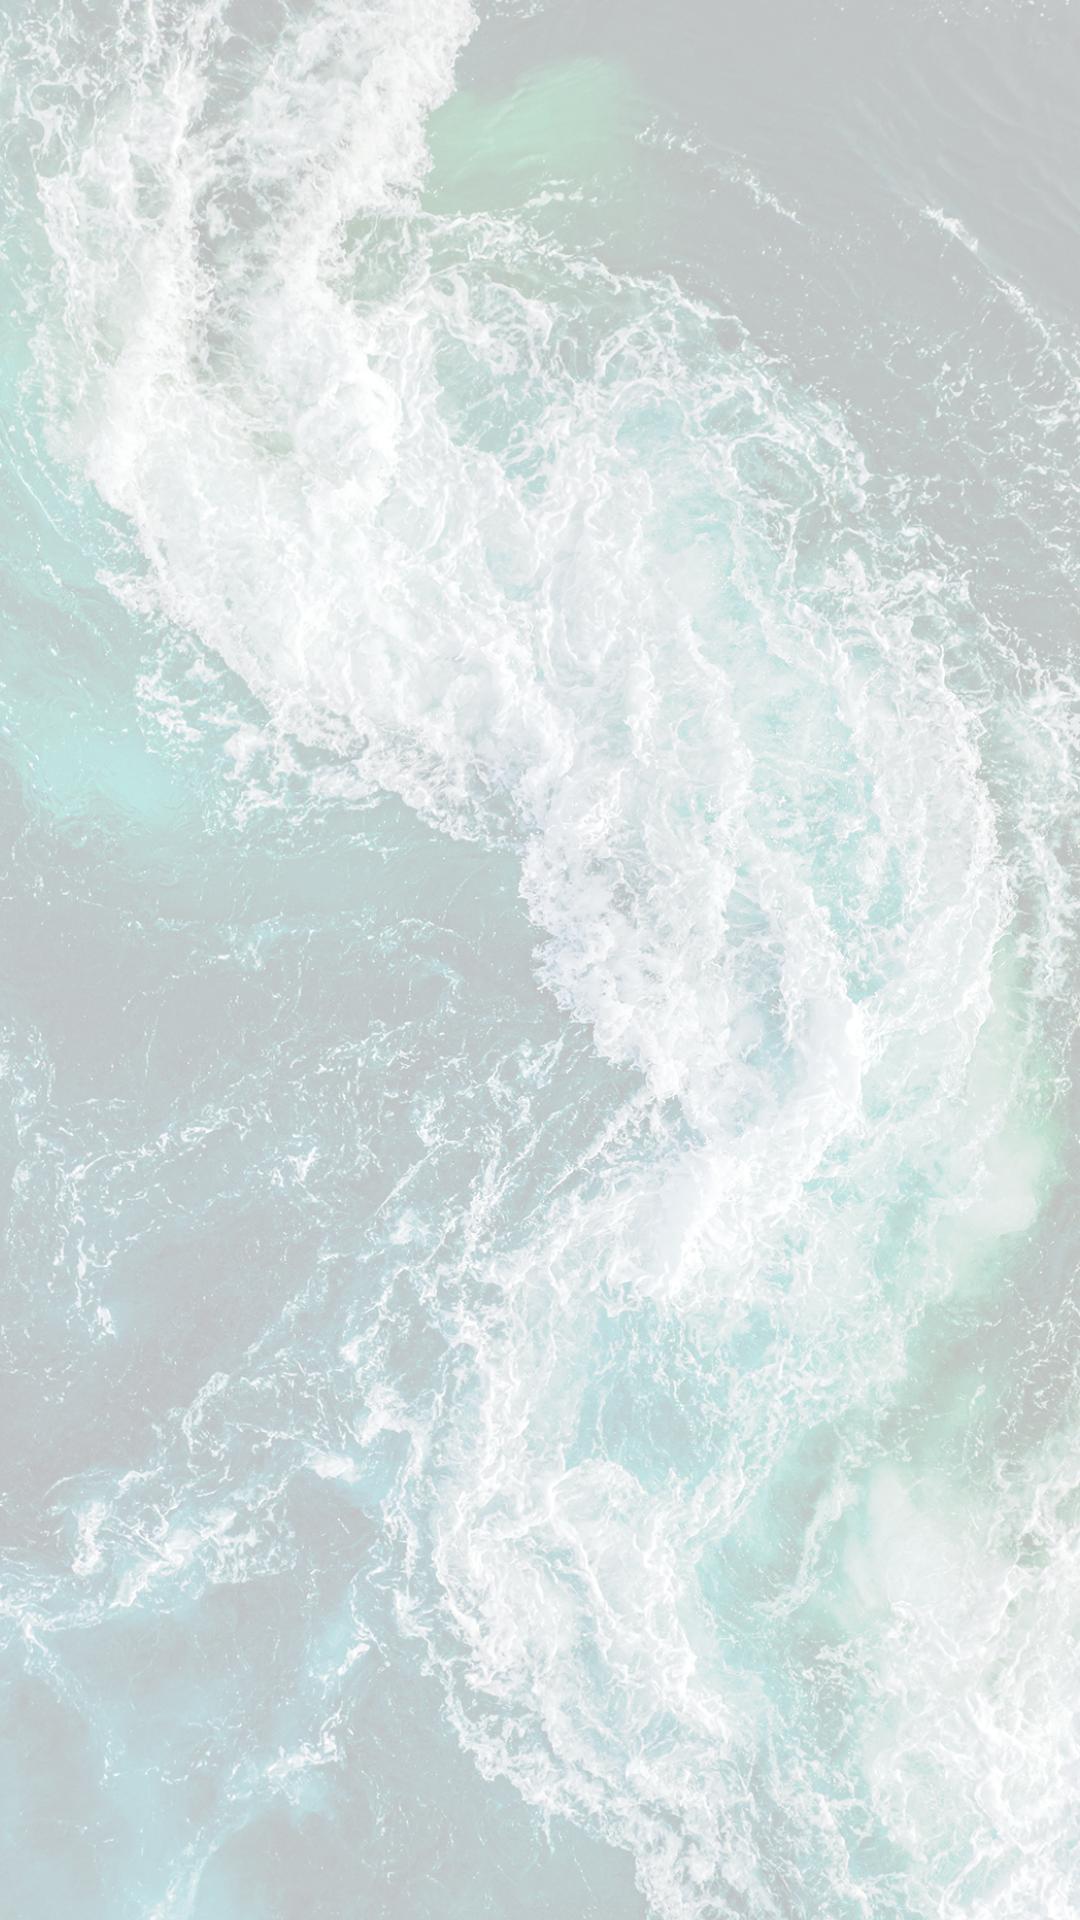 https://cdn.flow.page/images/efc68be1-7591-4142-a854-0d6369cd1c2d-background?m=1614610321